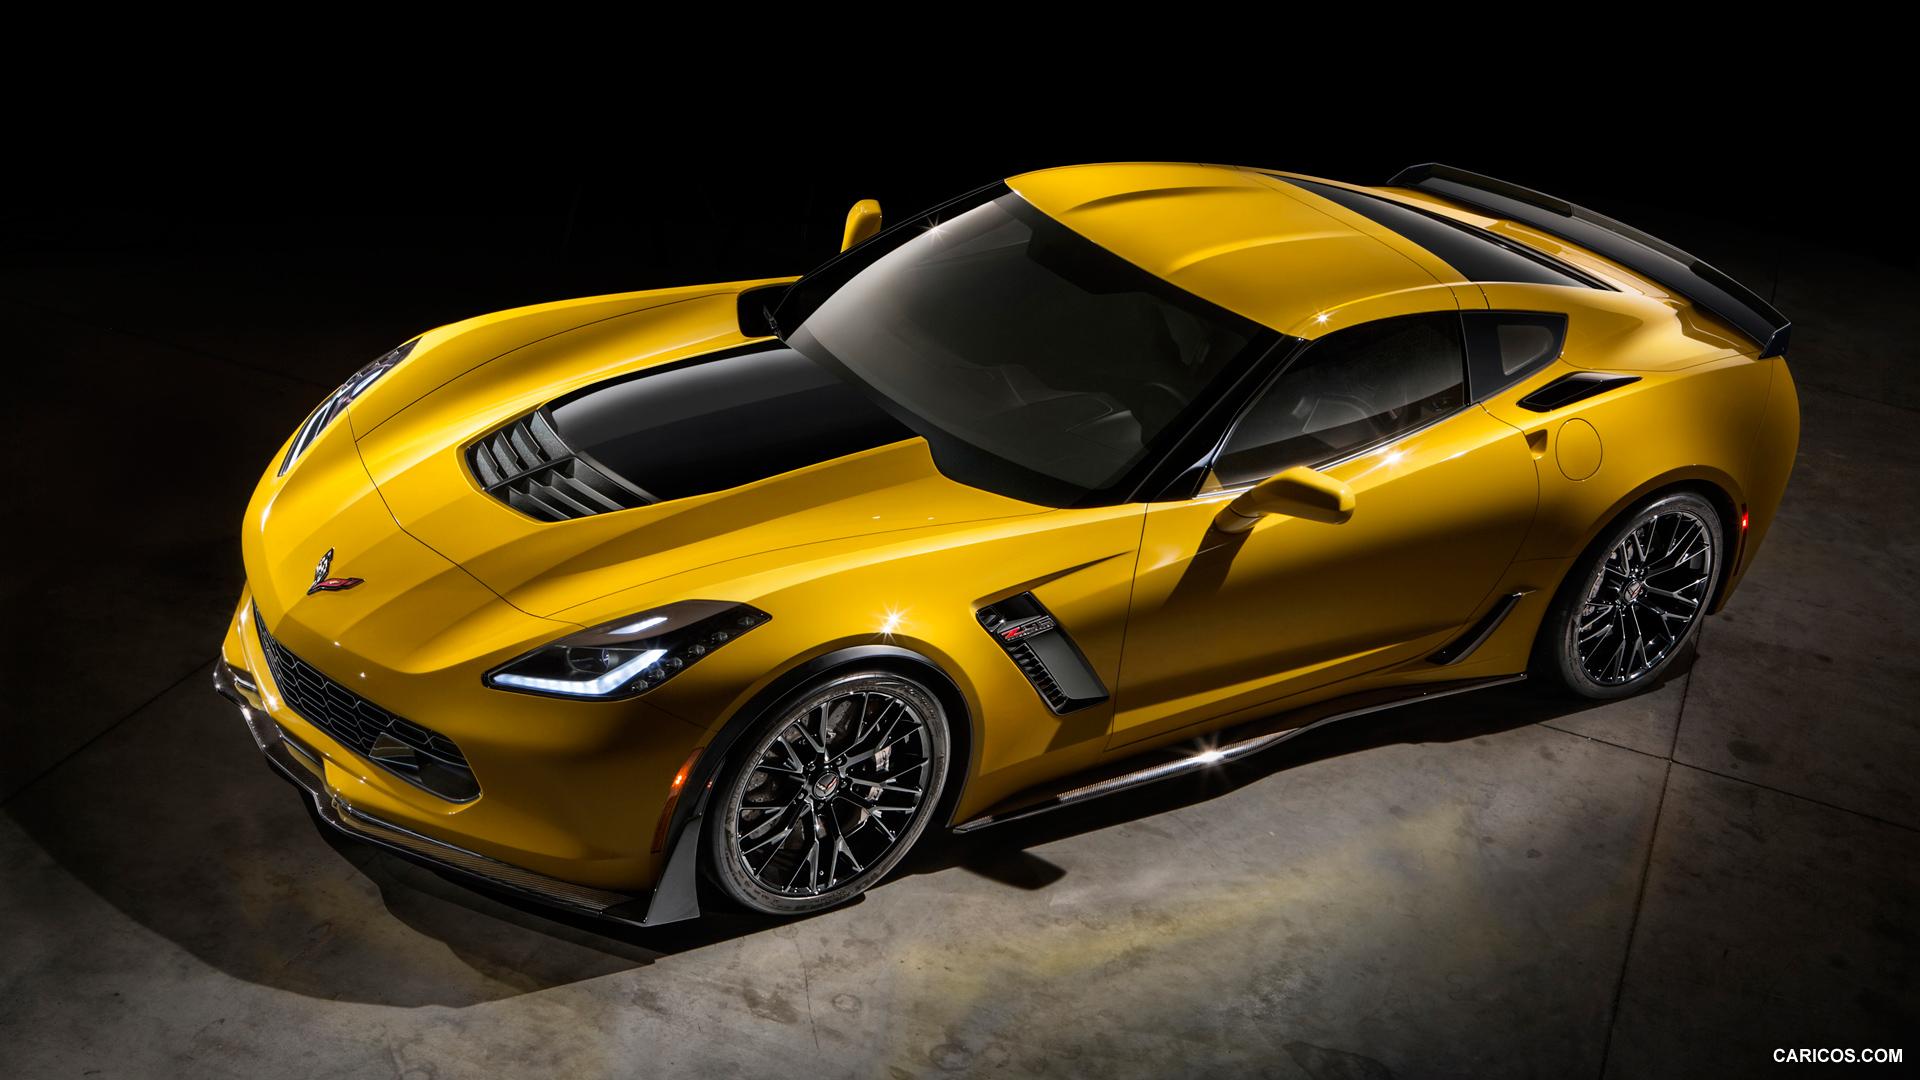 2015 Chevrolet Corvette Z06   Top HD Wallpaper 12 1920x1080